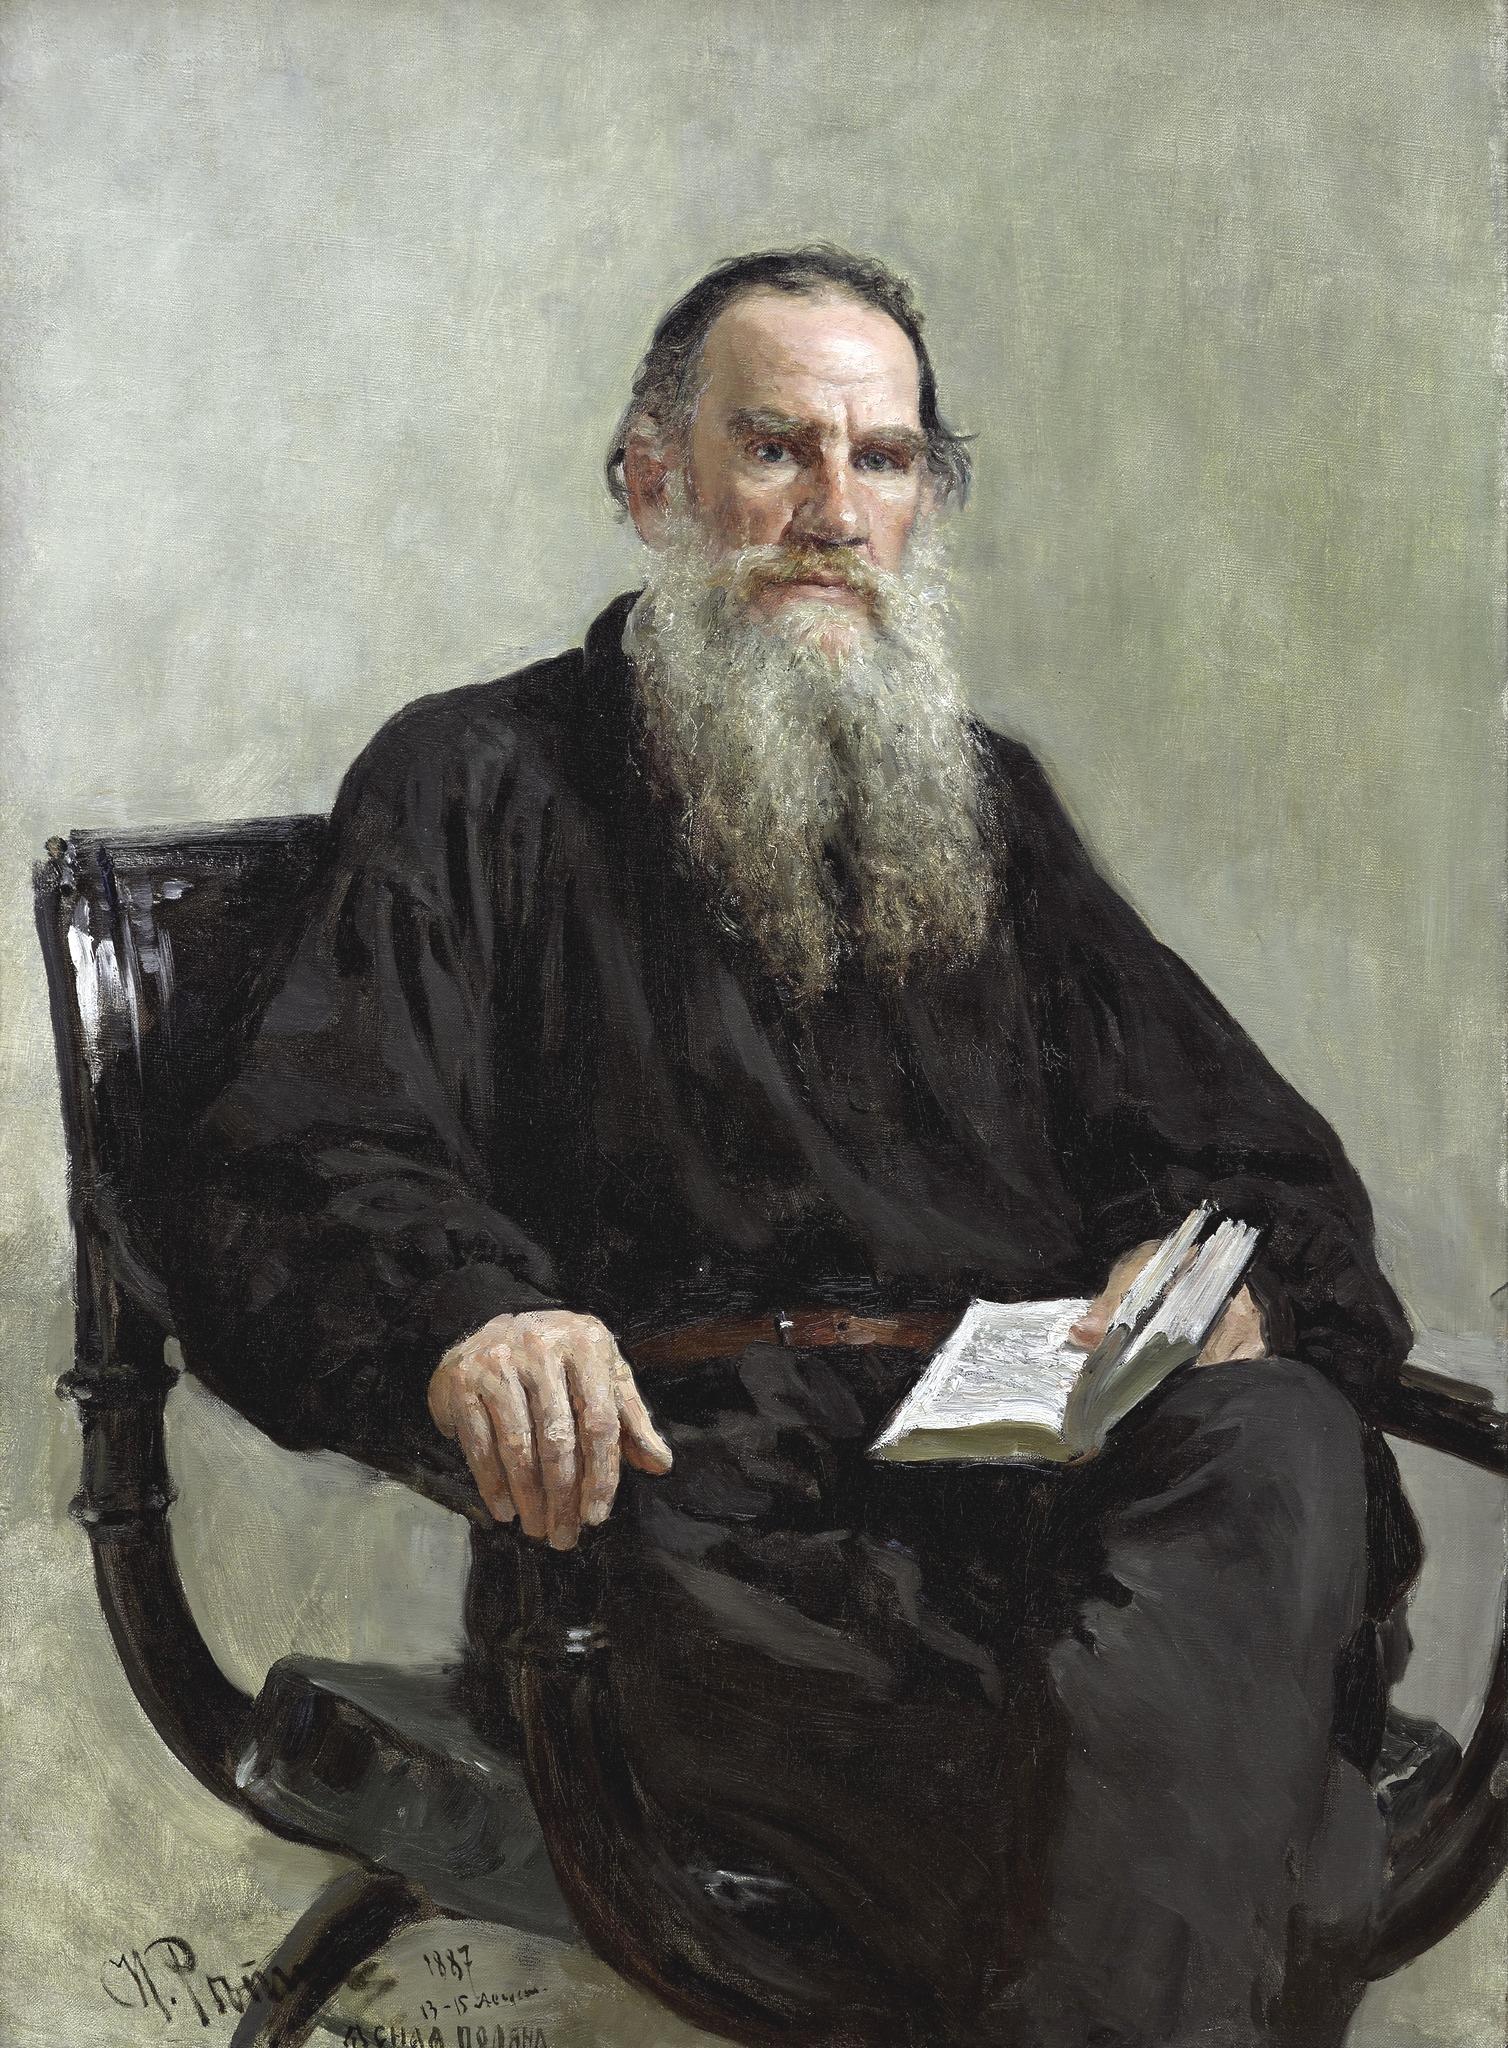 Leo Tolstoy - Wikiquote